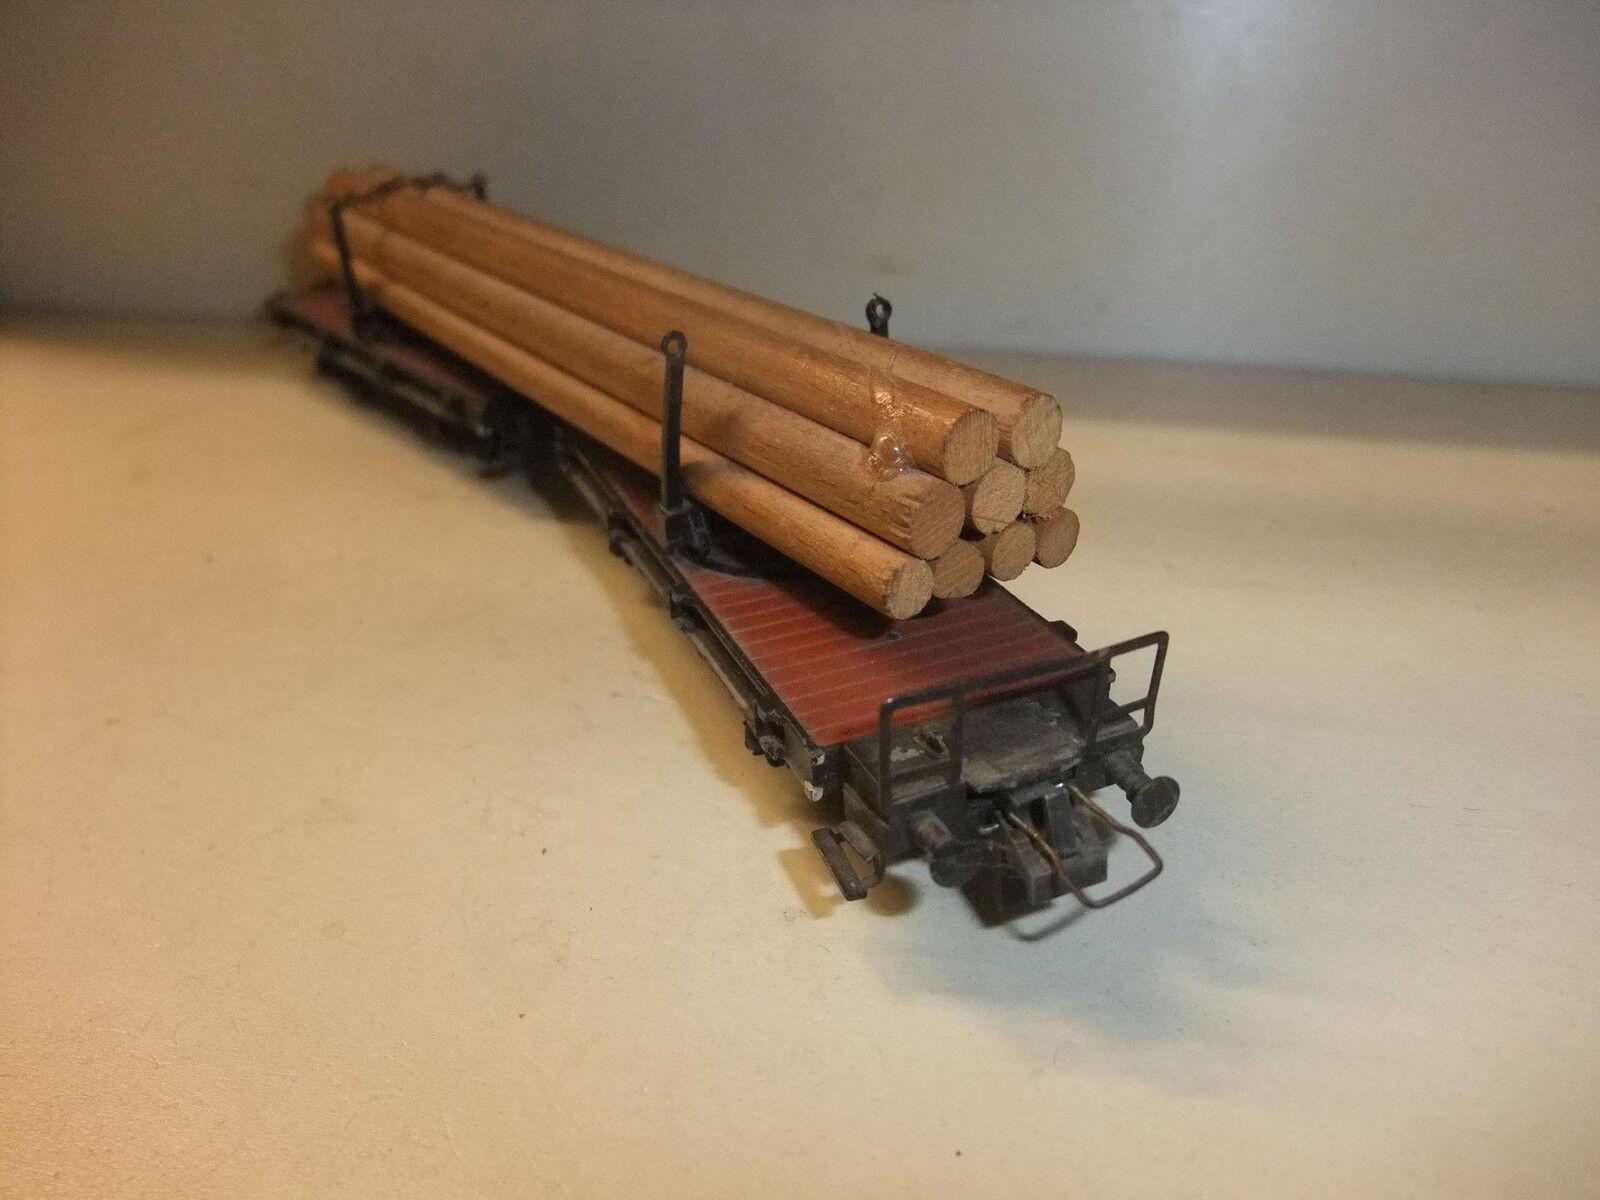 M k   3 3 3   15 modelleisenbahn h0 trix - modell holztransportwagen blechmodell (alt 2e16a8